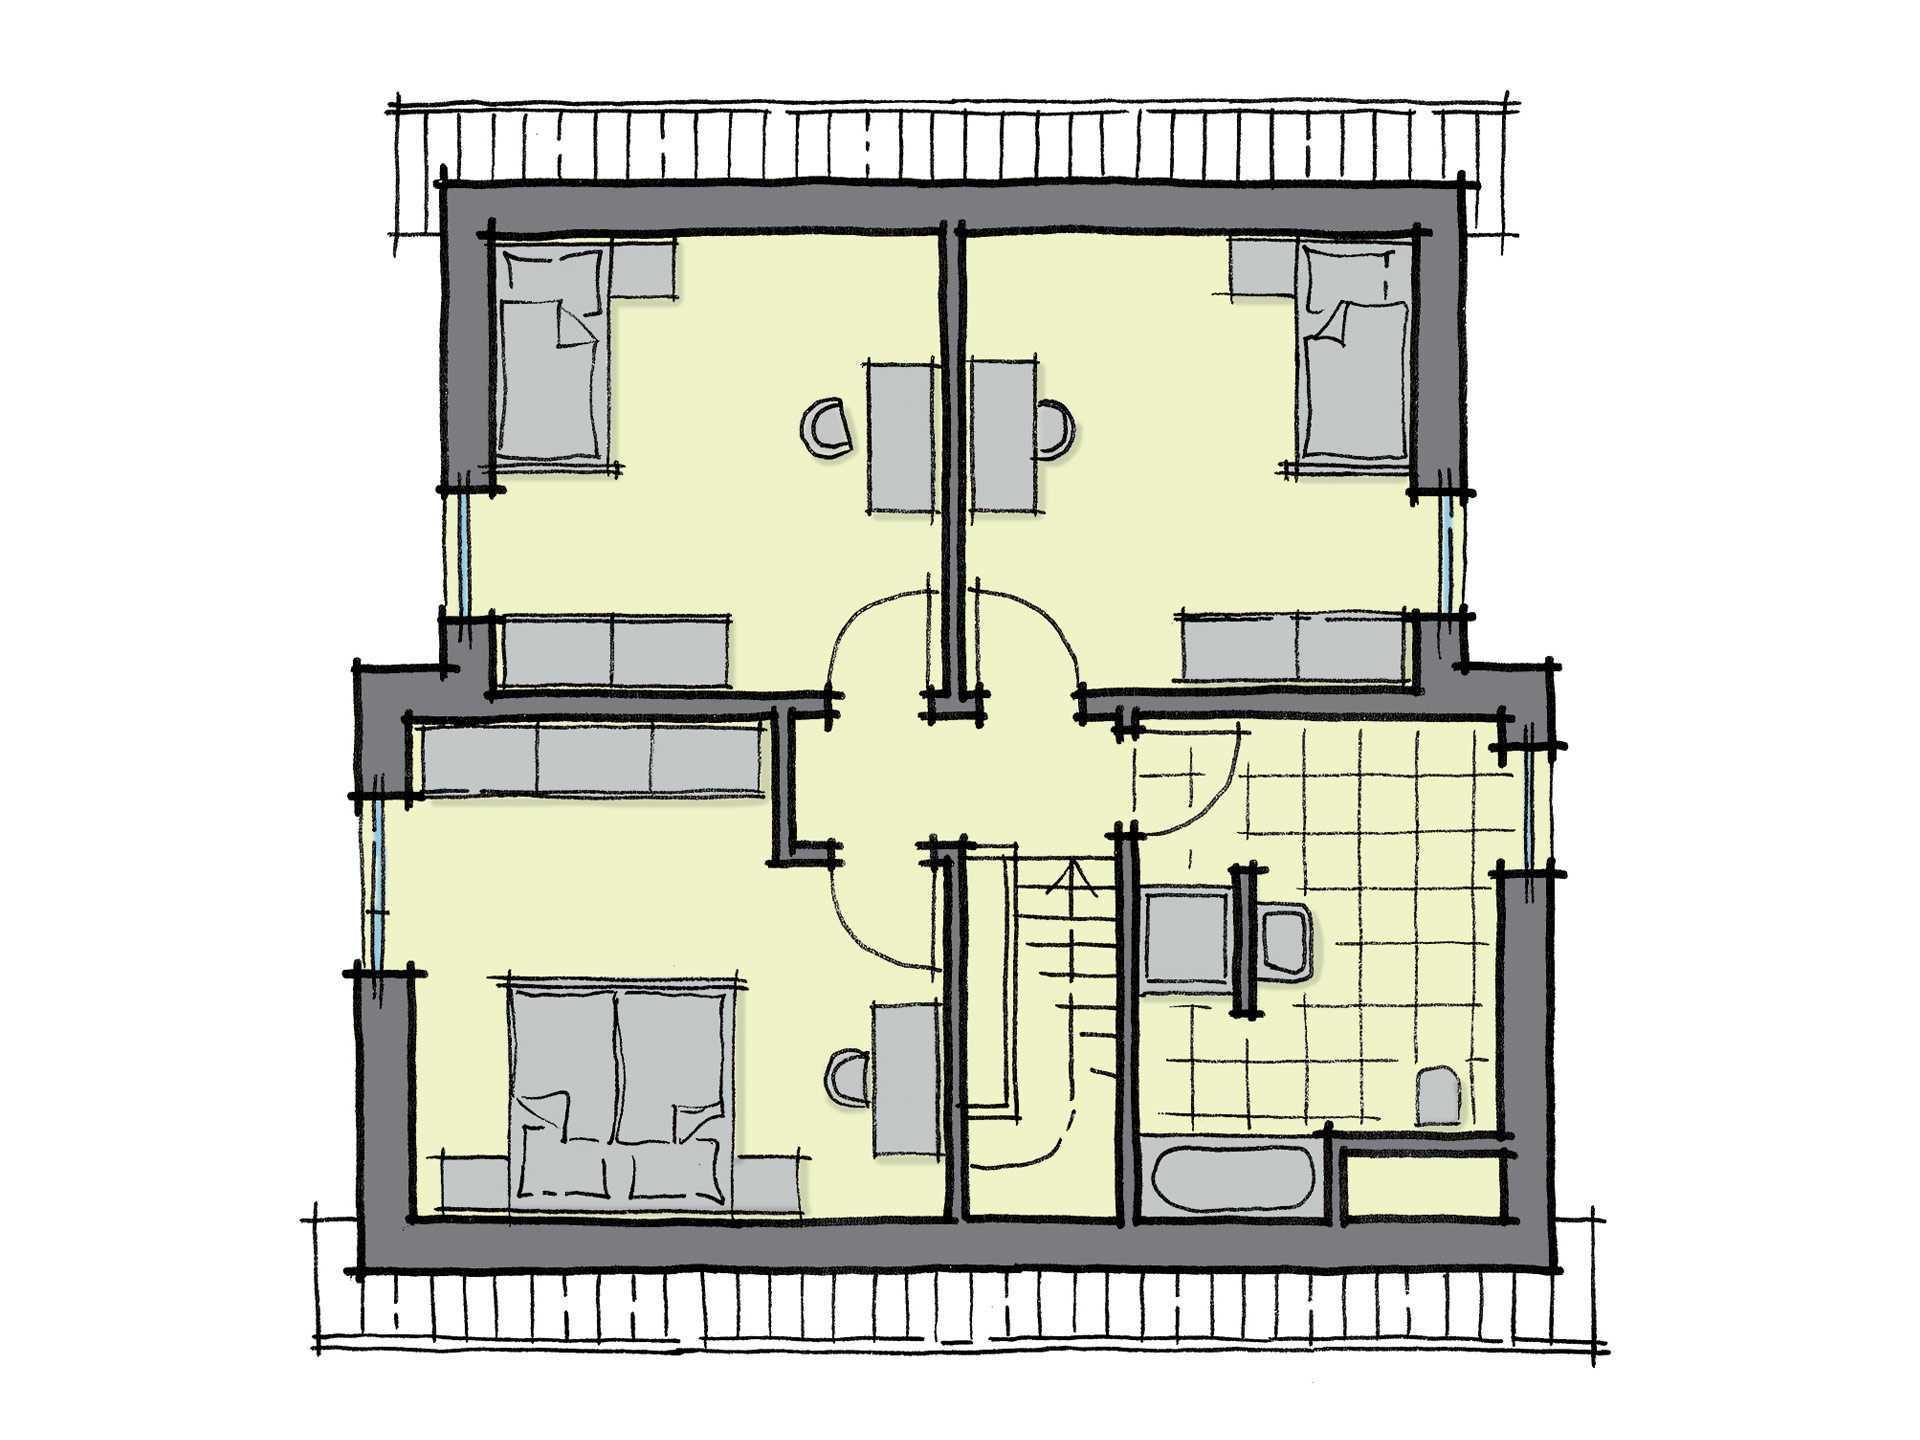 Grundriss Dachgeschoss Fertighaus Nussbaumallee GUSSEK HAUS